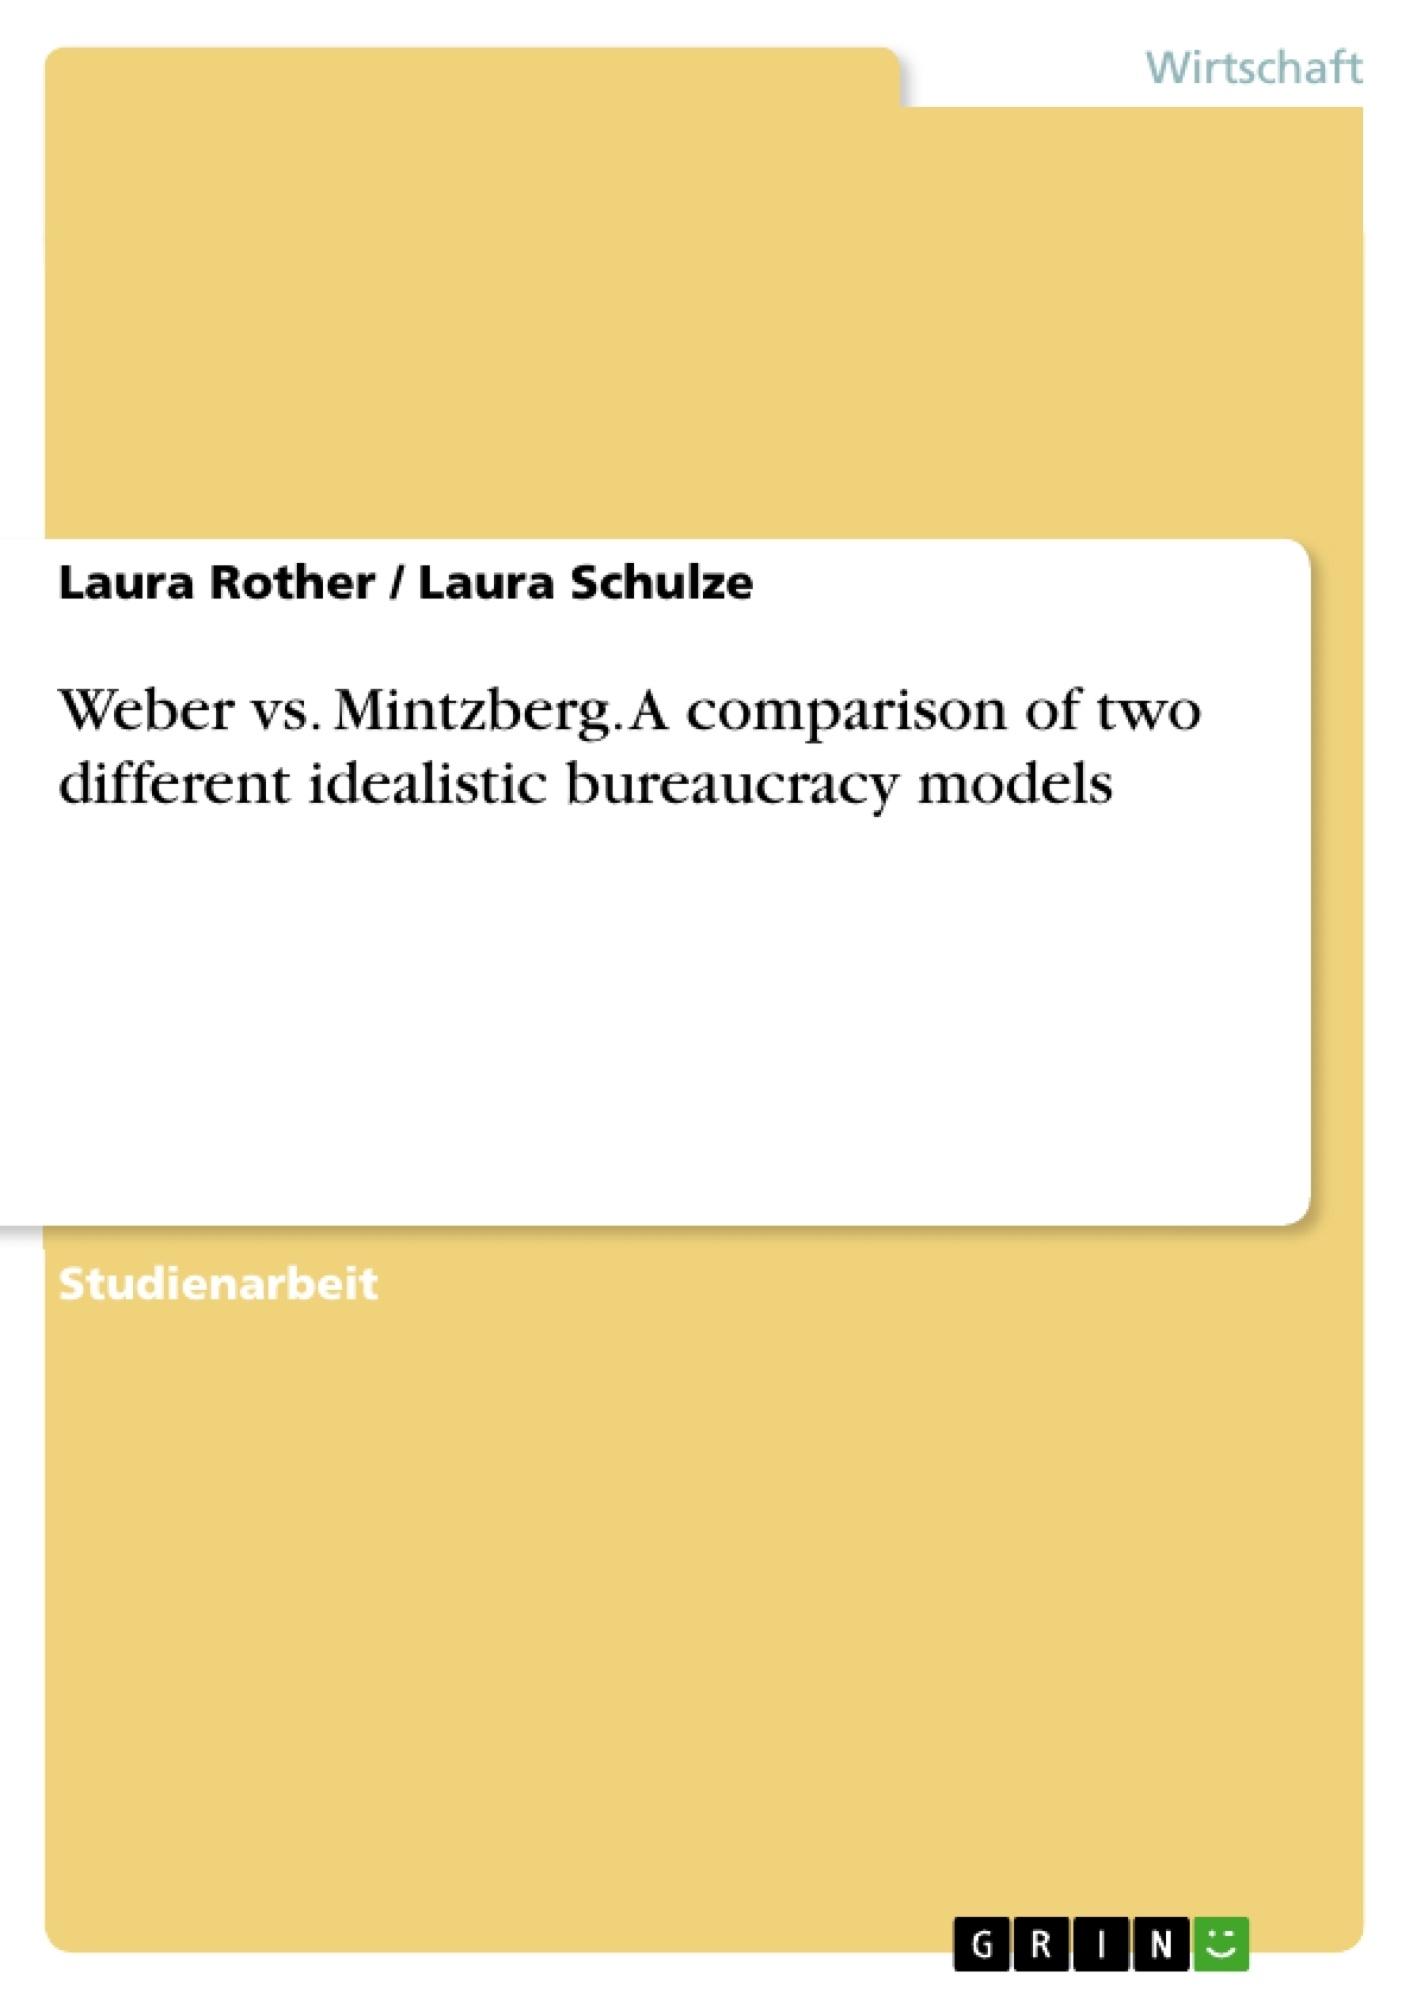 Titel: Weber vs. Mintzberg. A comparison of two different idealistic bureaucracy models